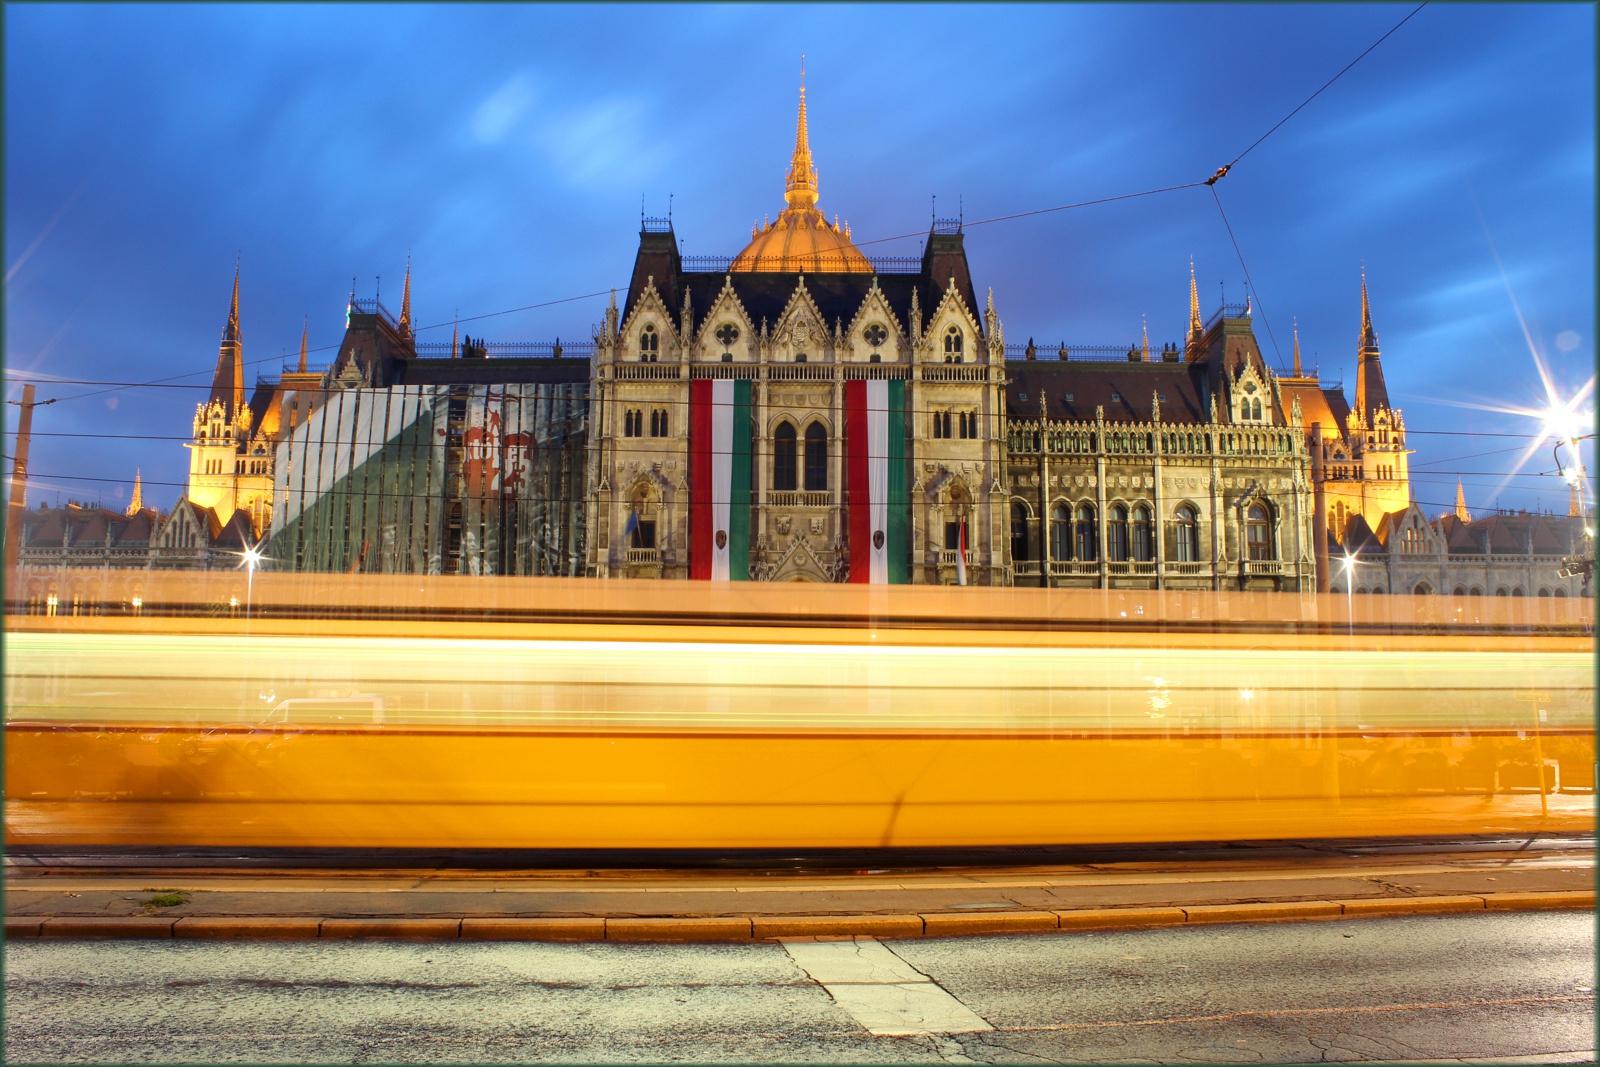 Kossuth Lajos tér, Országház